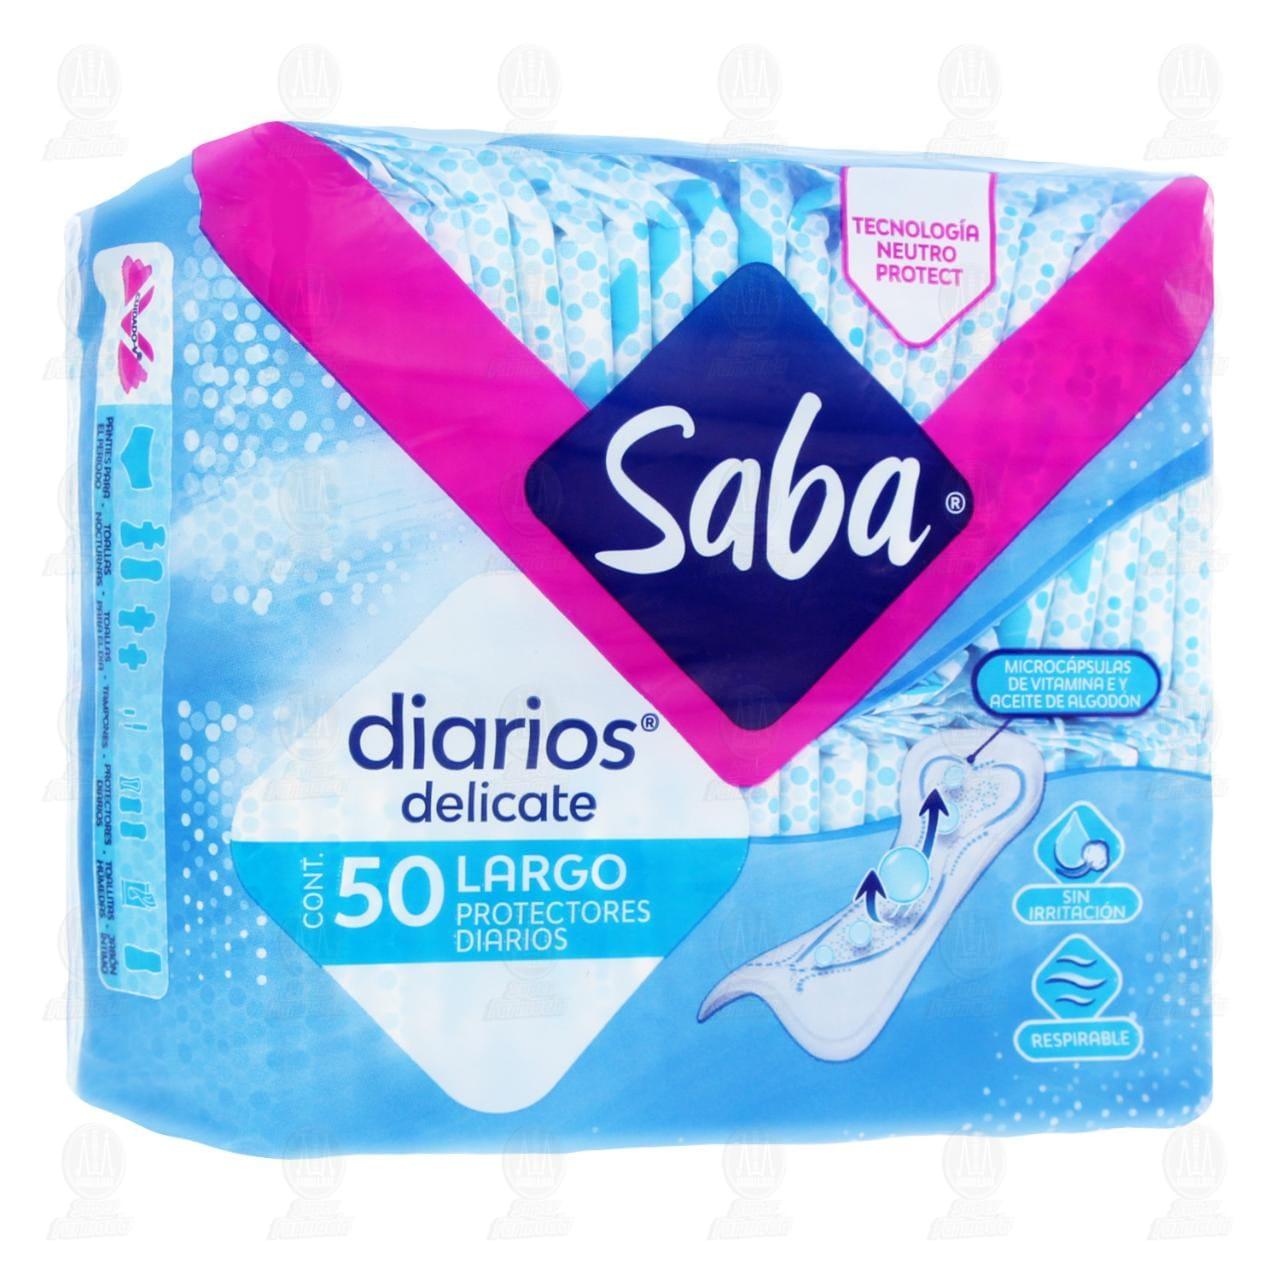 comprar https://www.movil.farmaciasguadalajara.com/wcsstore/FGCAS/wcs/products/1352822_A_1280_AL.jpg en farmacias guadalajara